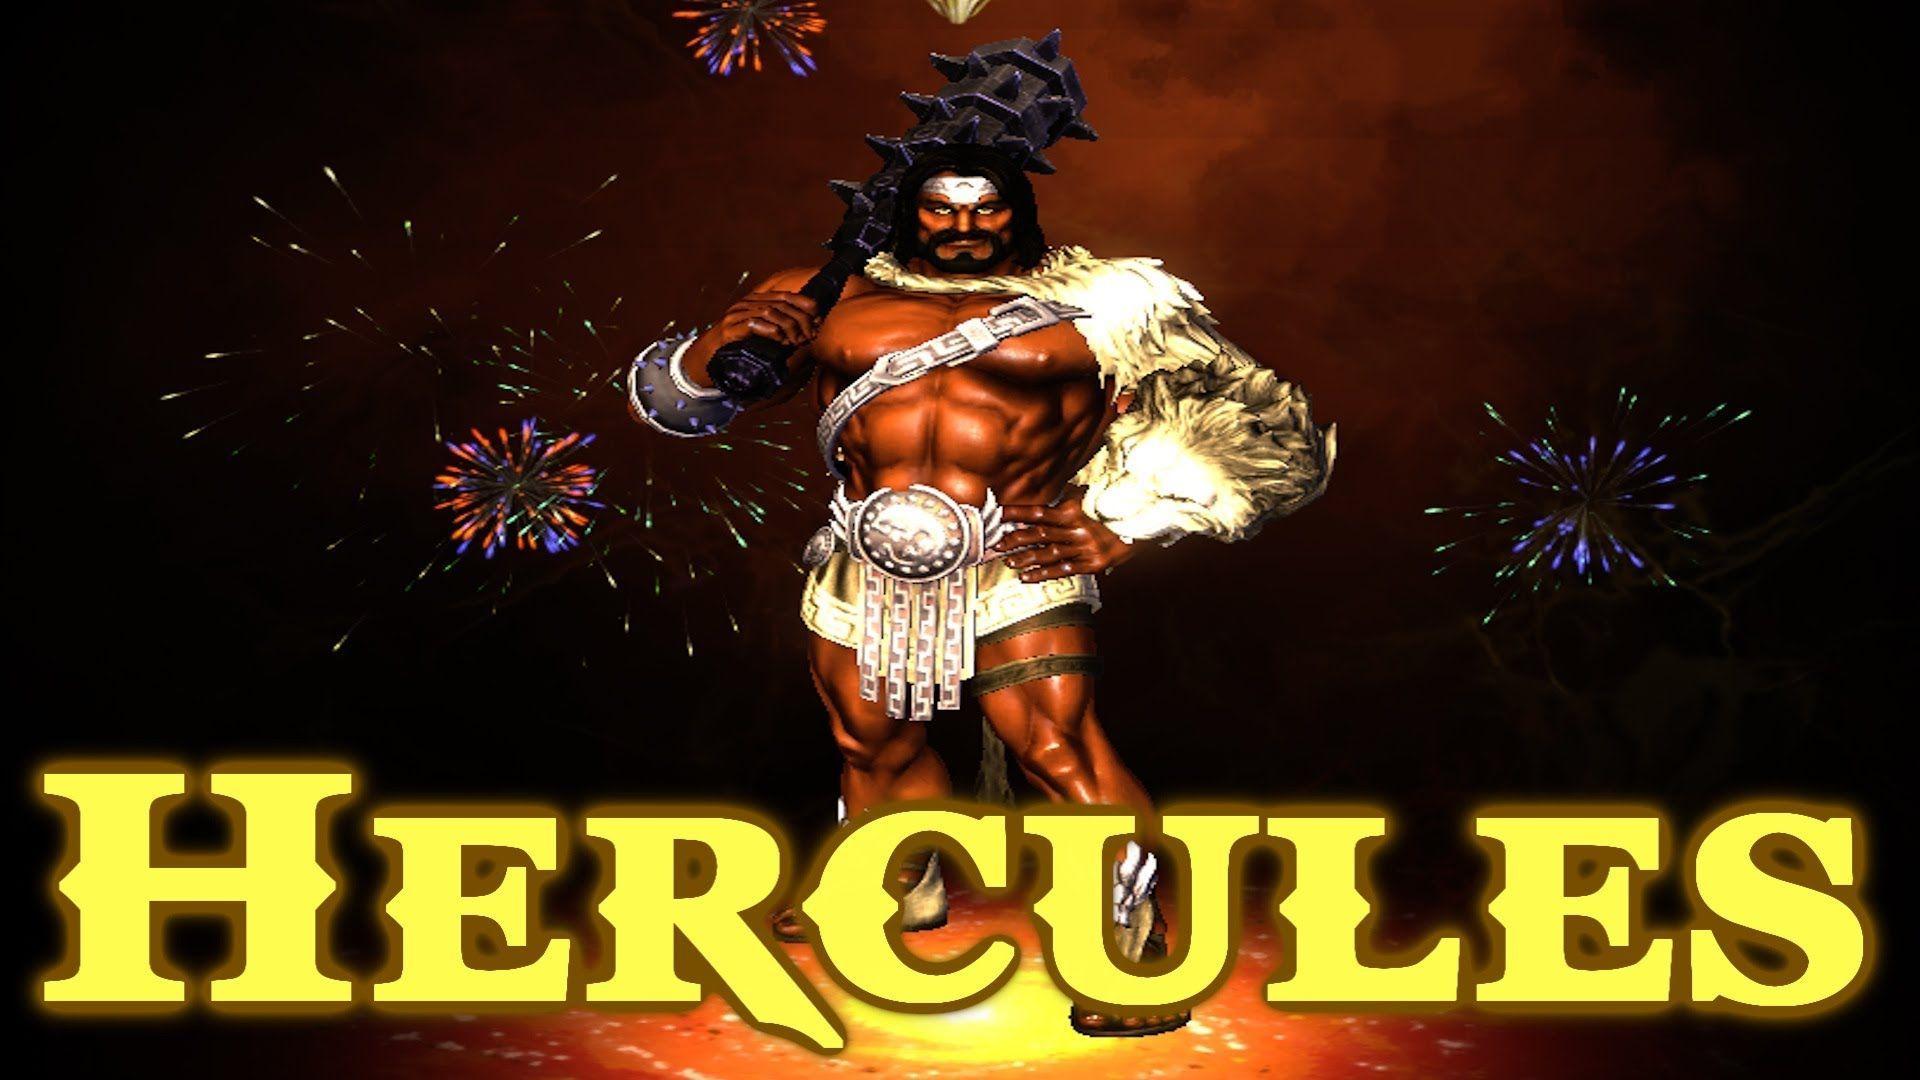 Hercules Wallpaper | Wallpapers9